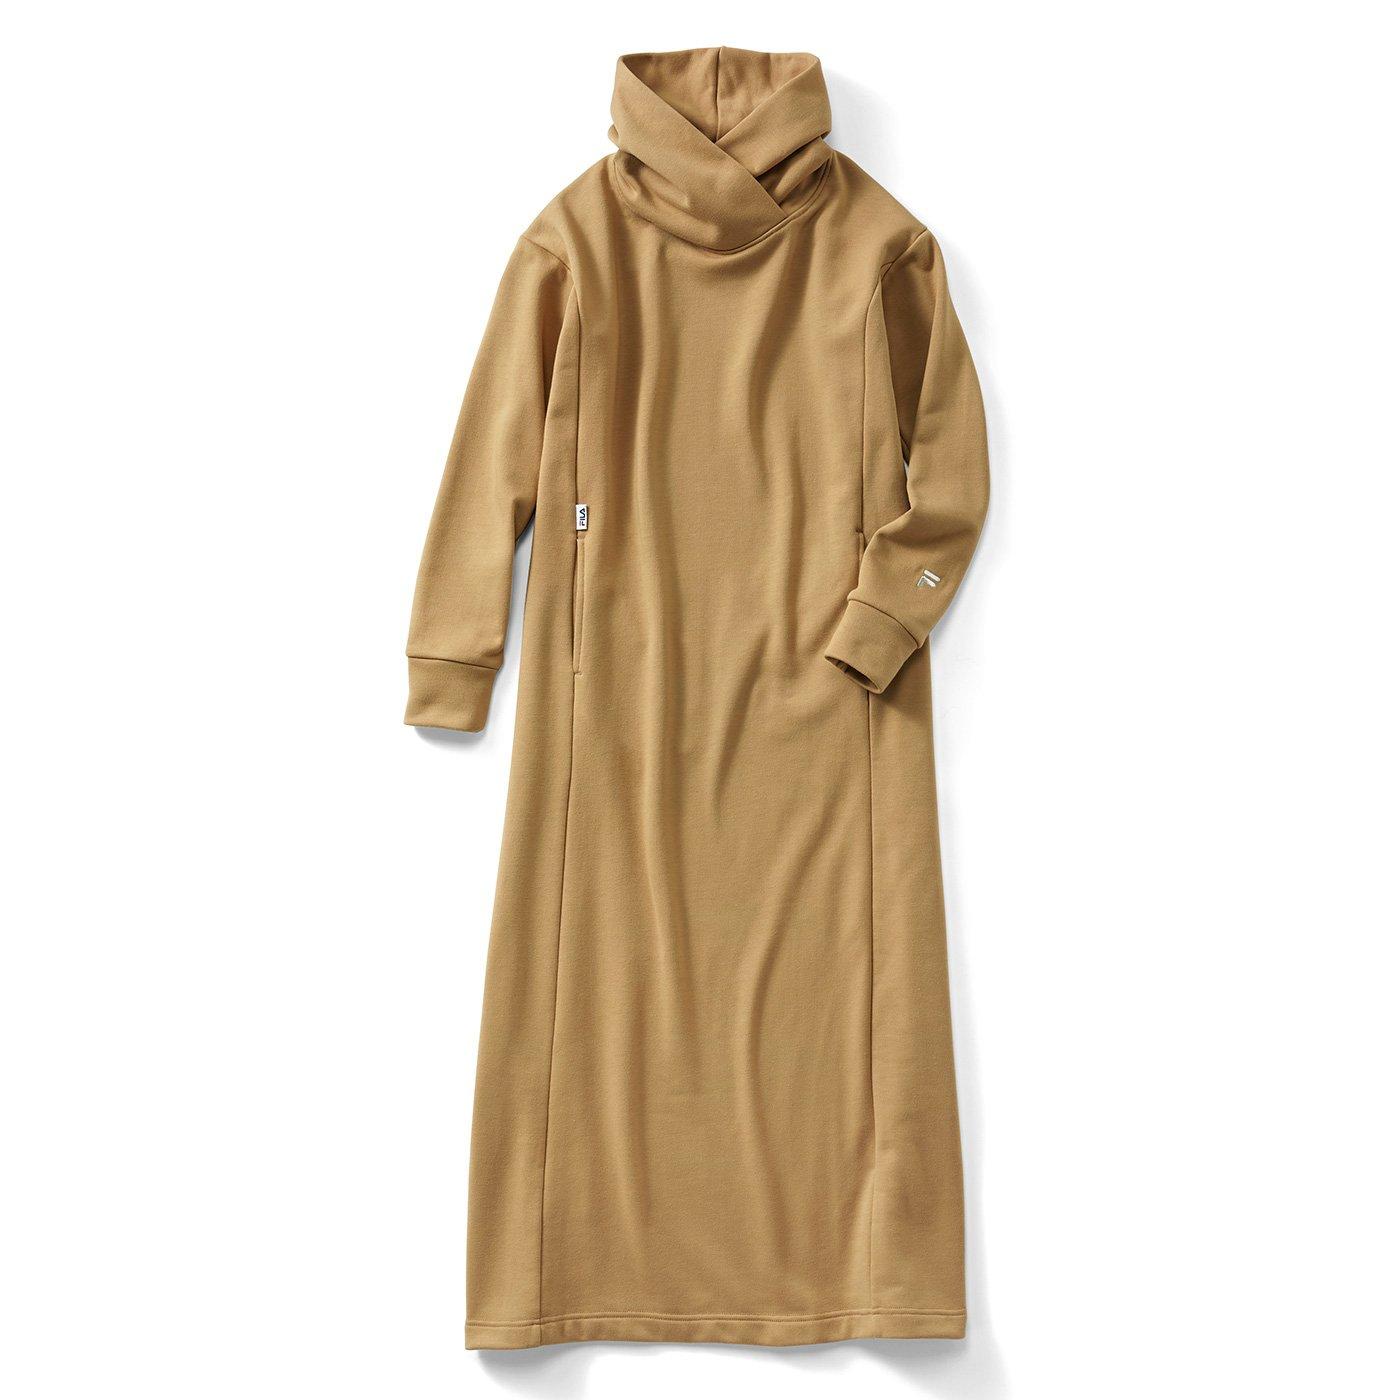 IEDIT[イディット] FILA別注 衿もとボリュームで着映え ロングパーカーワンピース〈キャメル〉